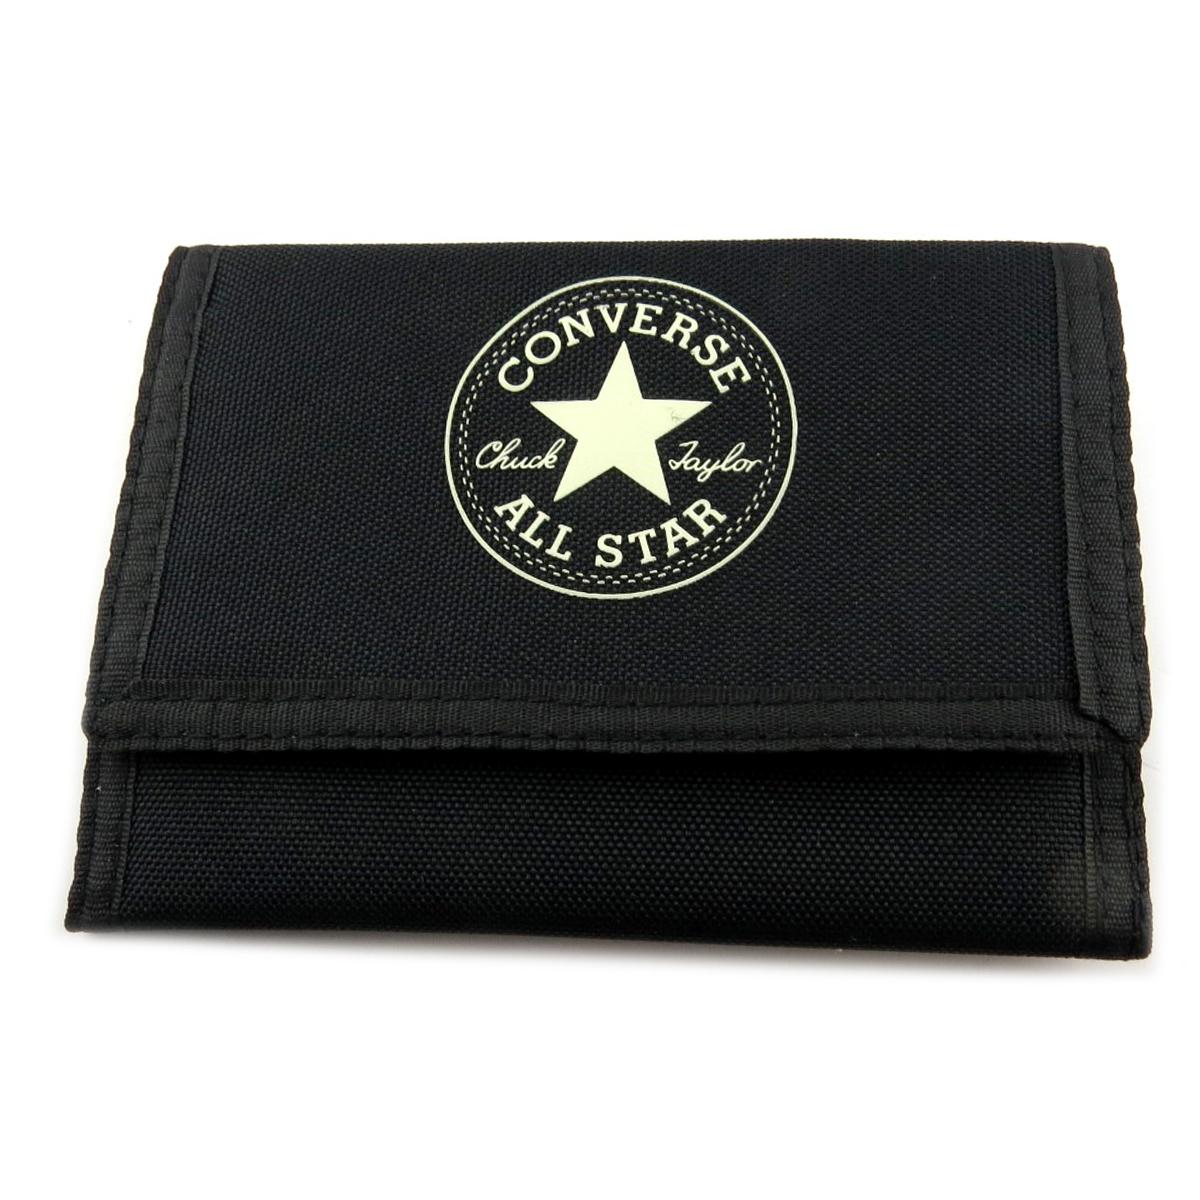 Portefeuille \'Converse\' noir - 14x95 cm - [R2745]